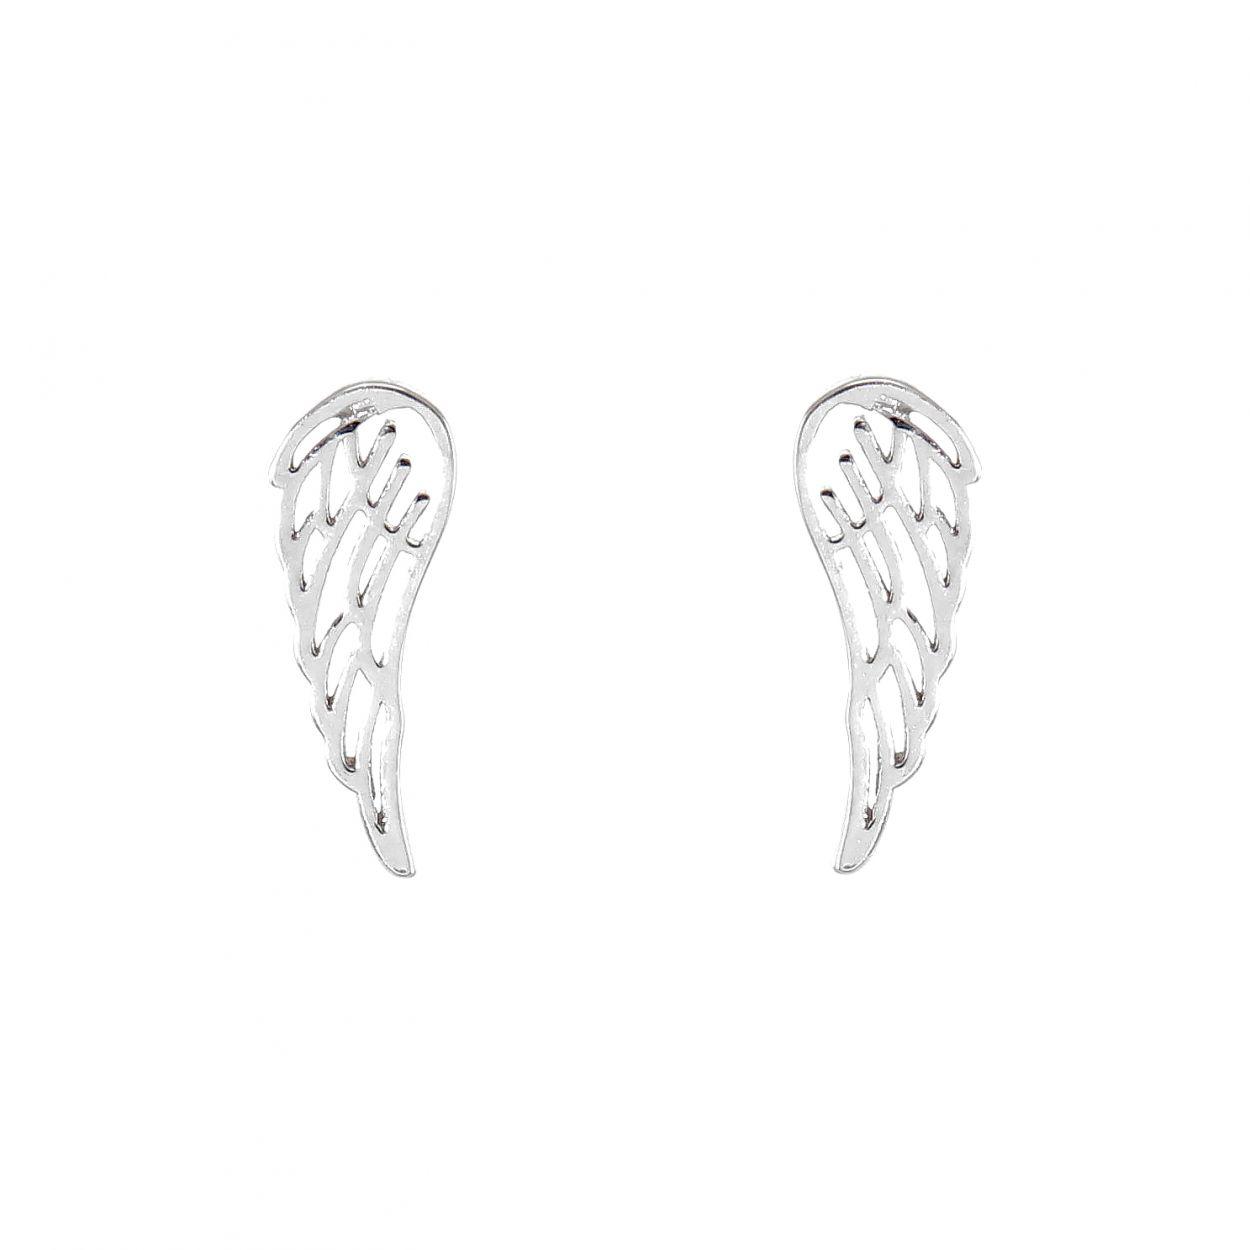 Aile D Ange boucles d'oreilles clou argent rhodié aile d'ange ref. 46580